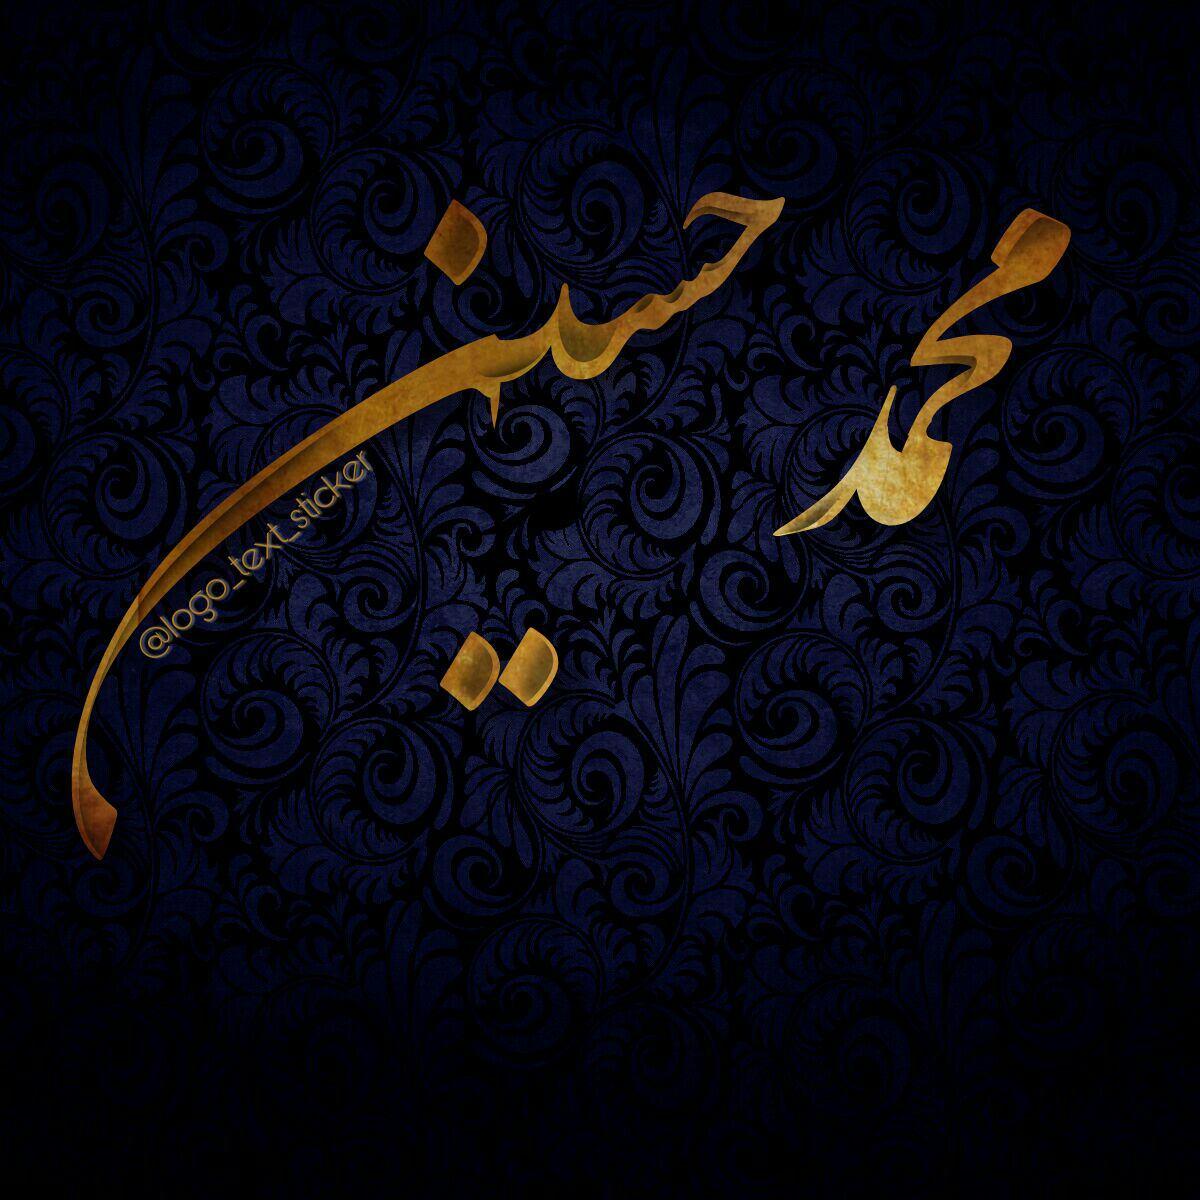 عکس پروفایل اسم محمدحسین